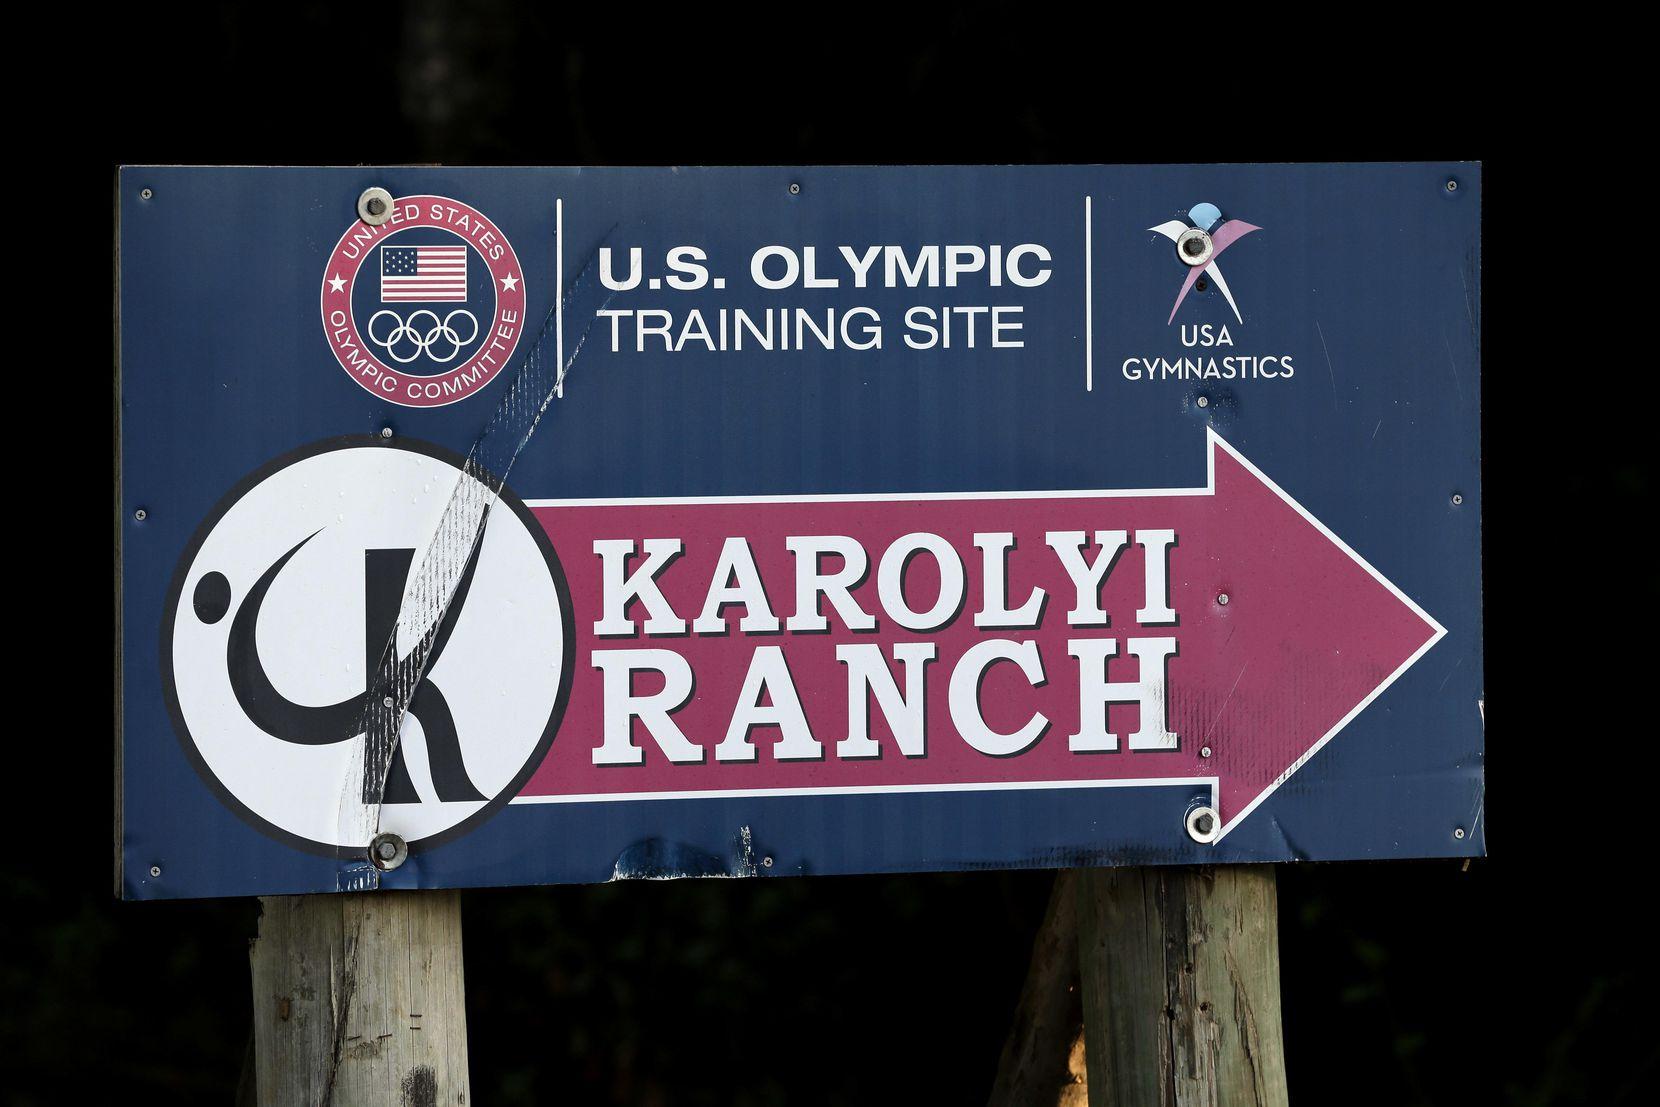 En el Rancho Karolyi, las gimnastas tenían miedo hasta de pedir permiso para ir al baño, cuenta una de ellas. AP